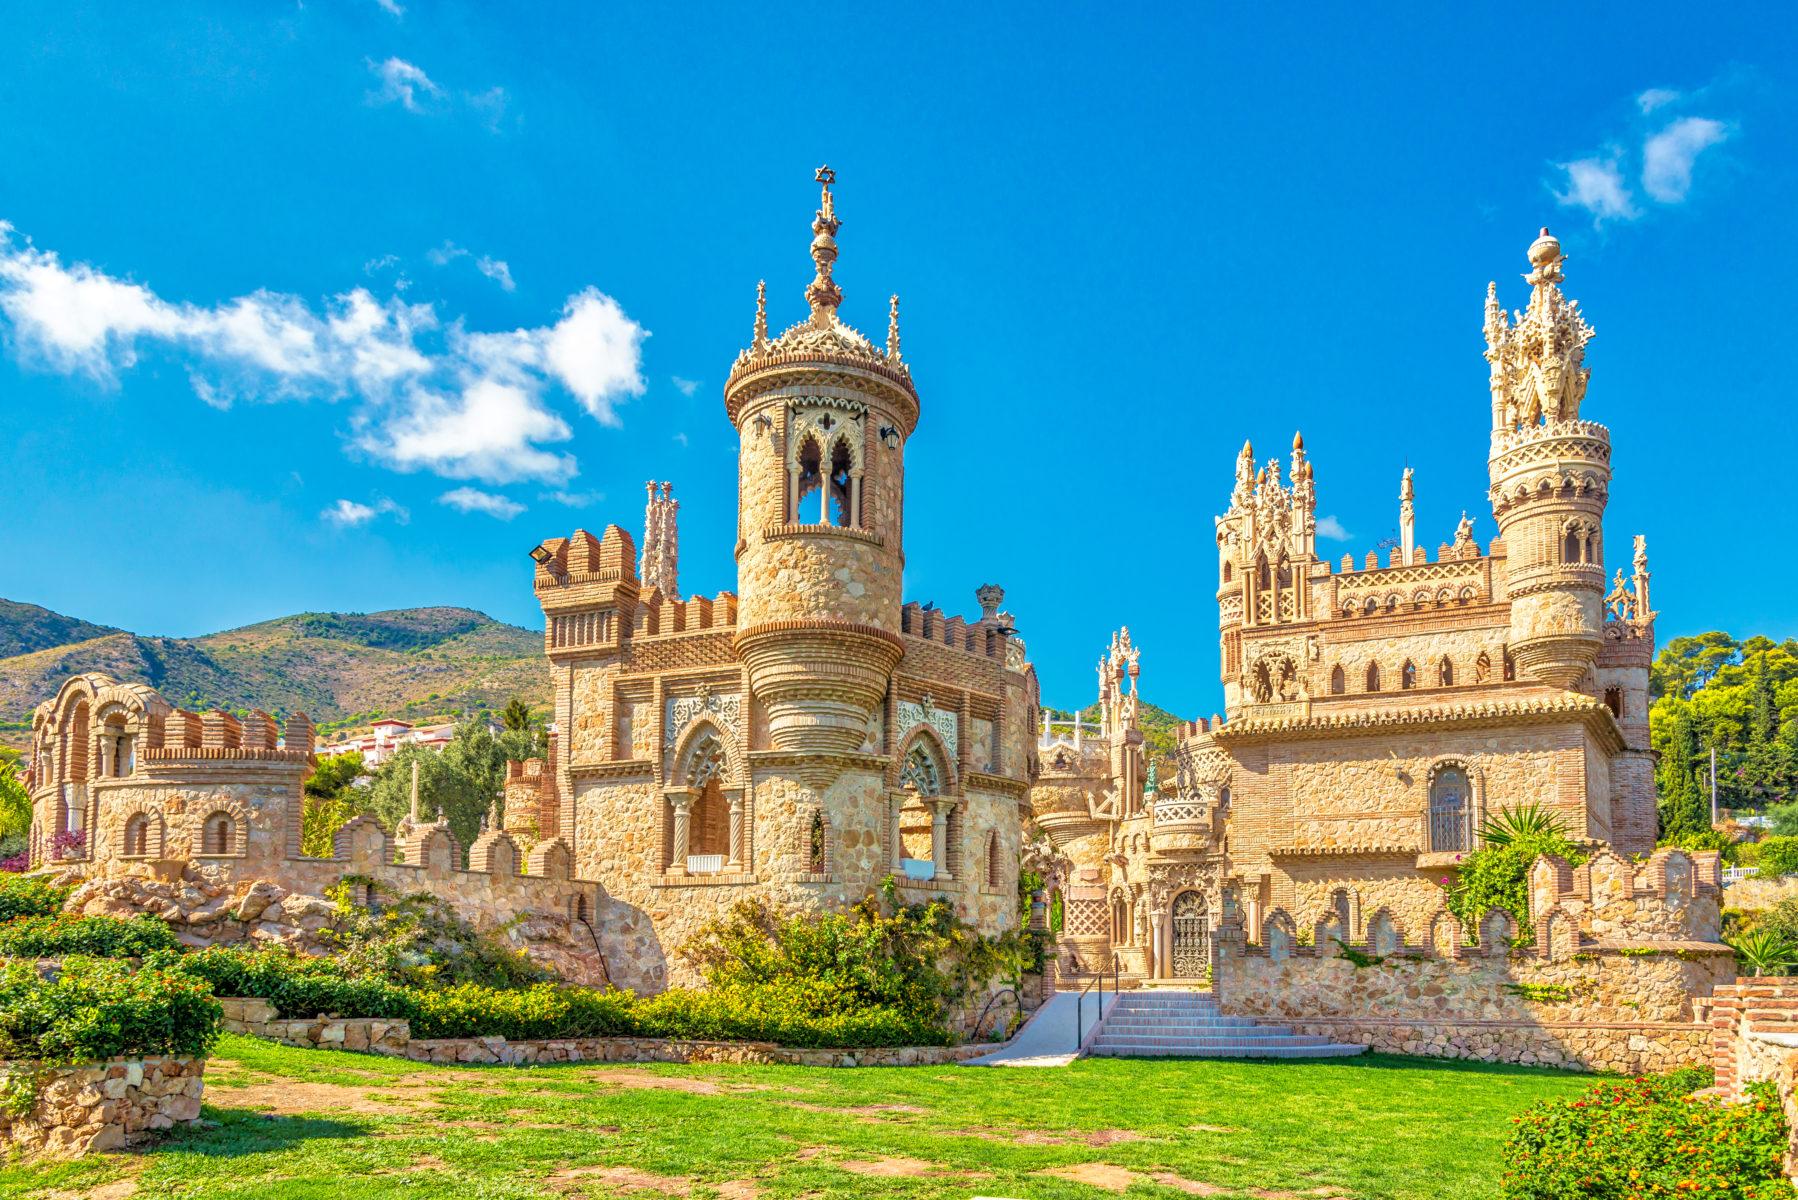 Benalmádena, Spain